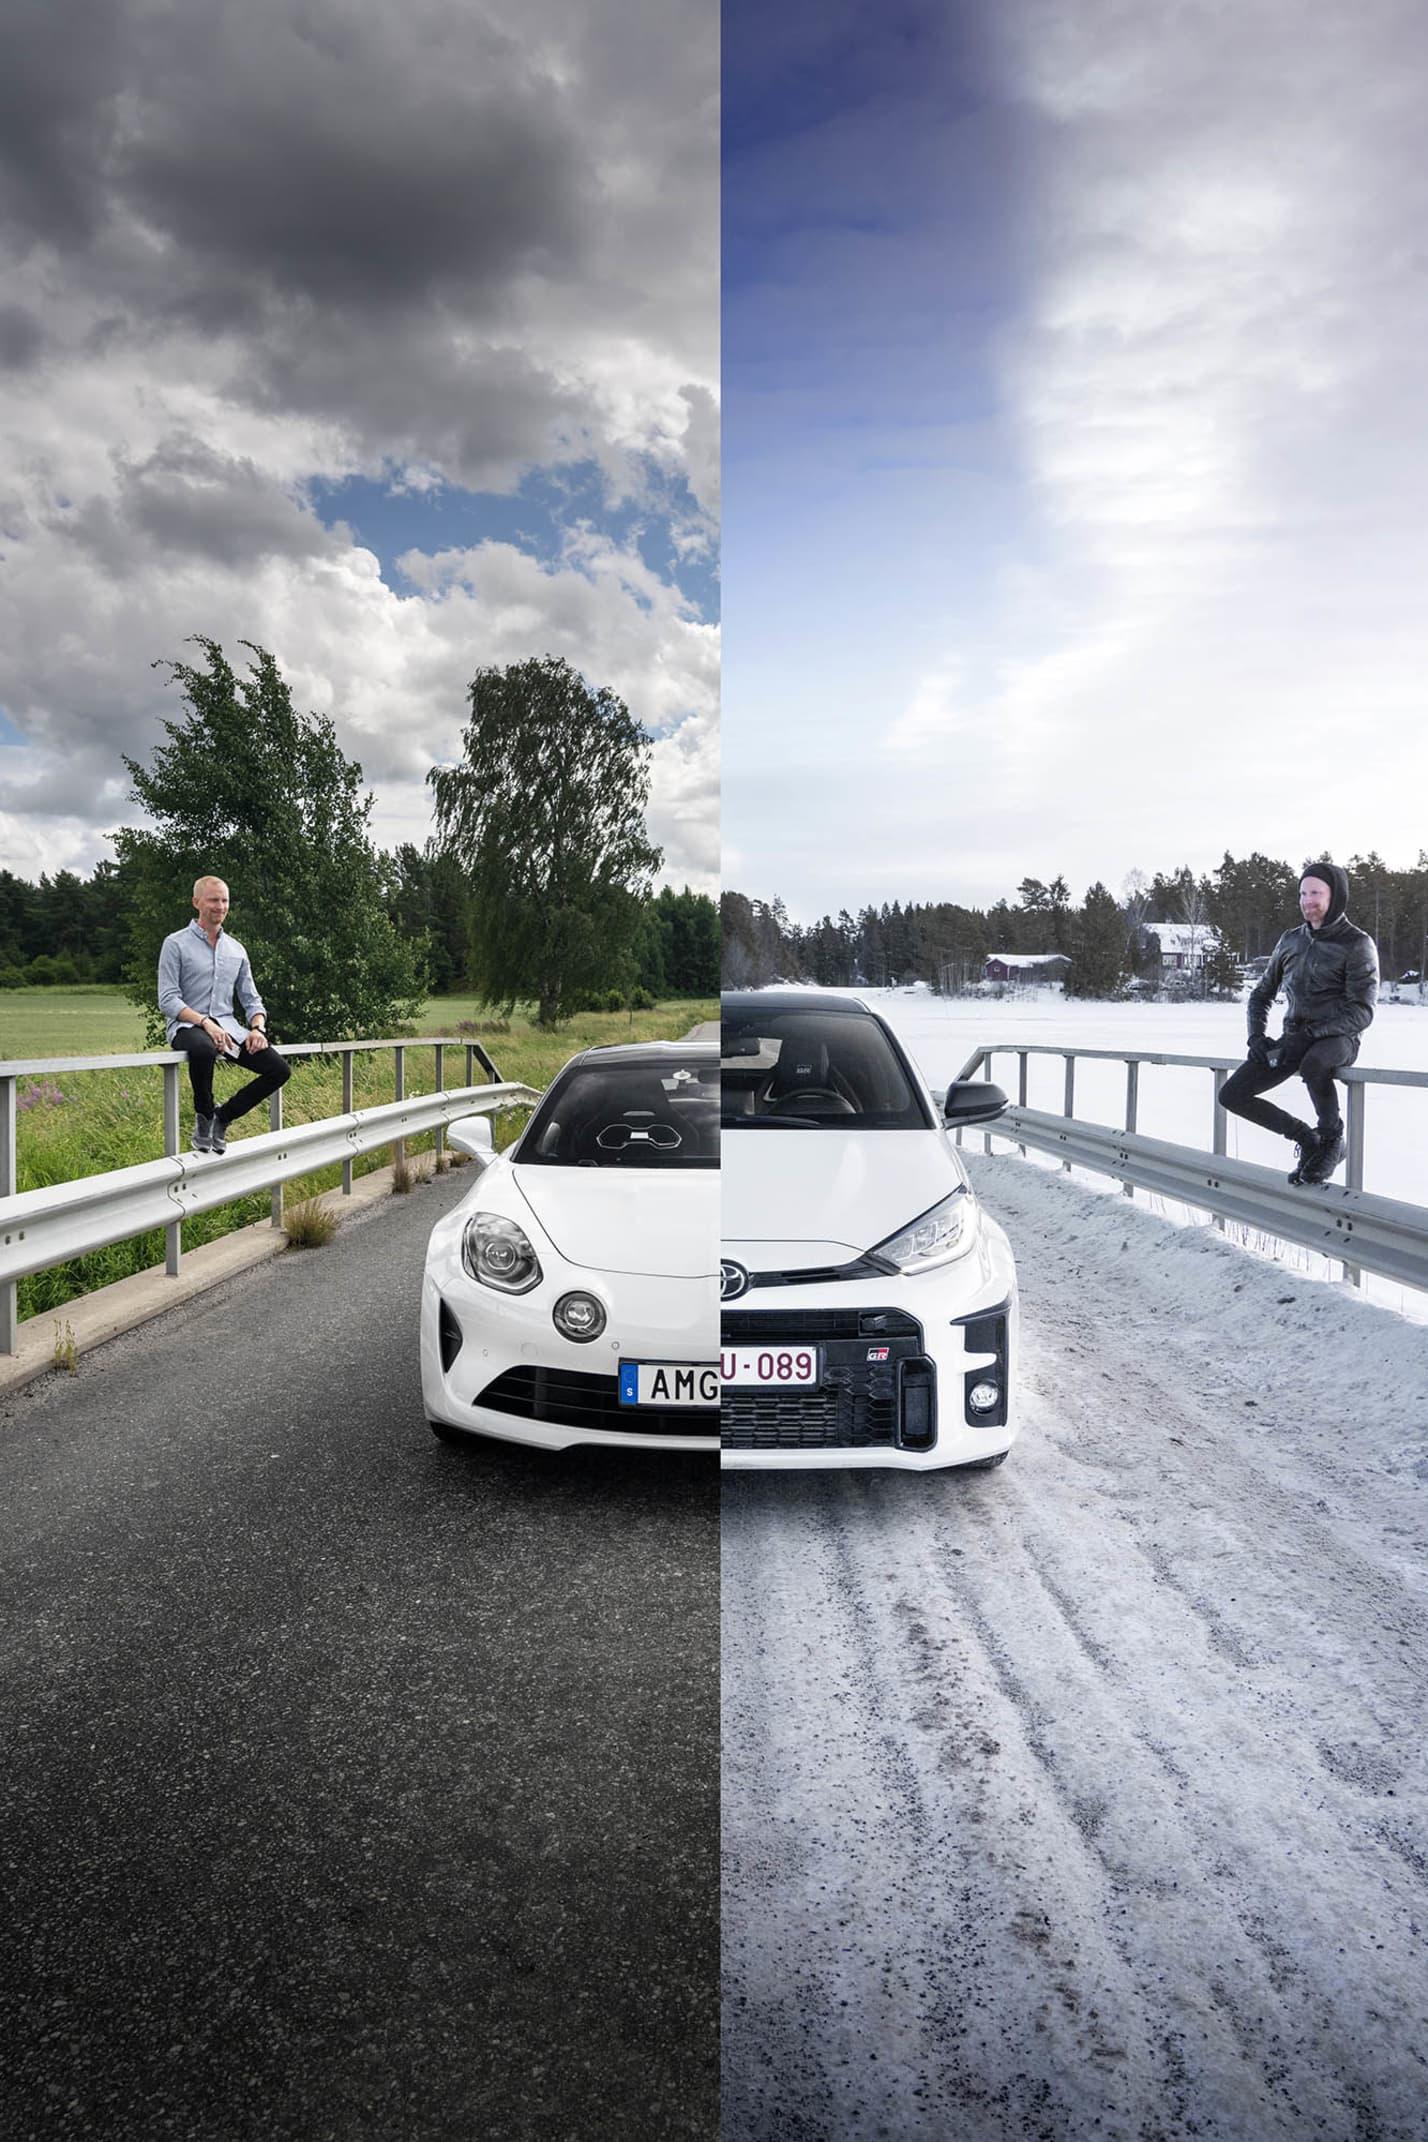 Om du har exakt 1 152 900 kr och vill ha en ofantligt rolig bil för sommaren och en för vintern. Då är Alpine A110 S och Toyota GR Yaris två givna kort utan konkurrens.